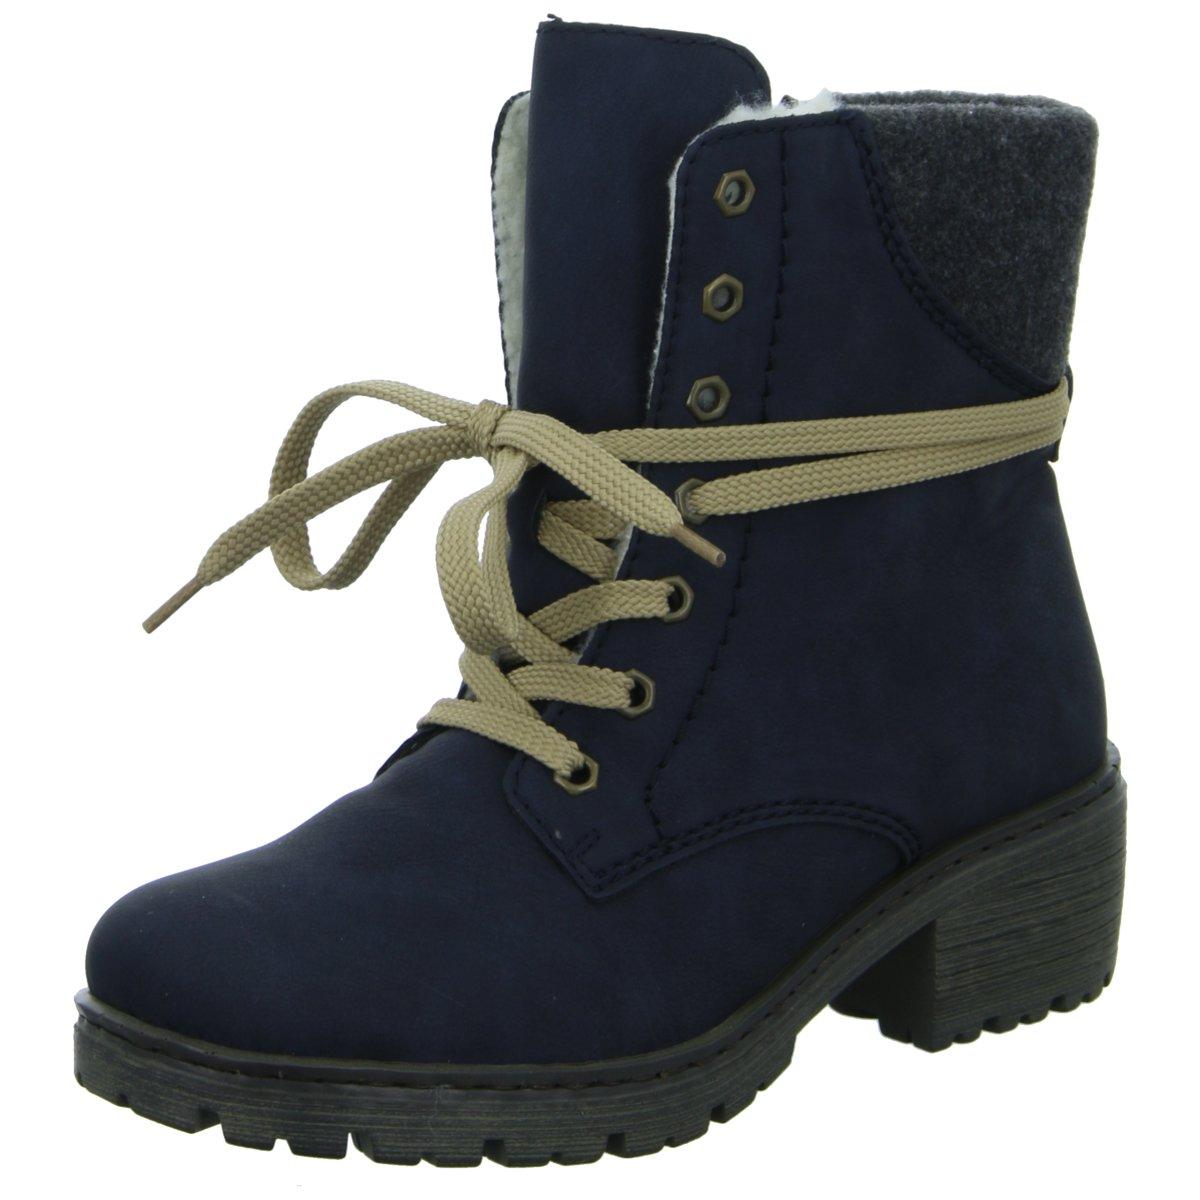 Rieker Damen Stiefeletten Y4532-14 blau 359191